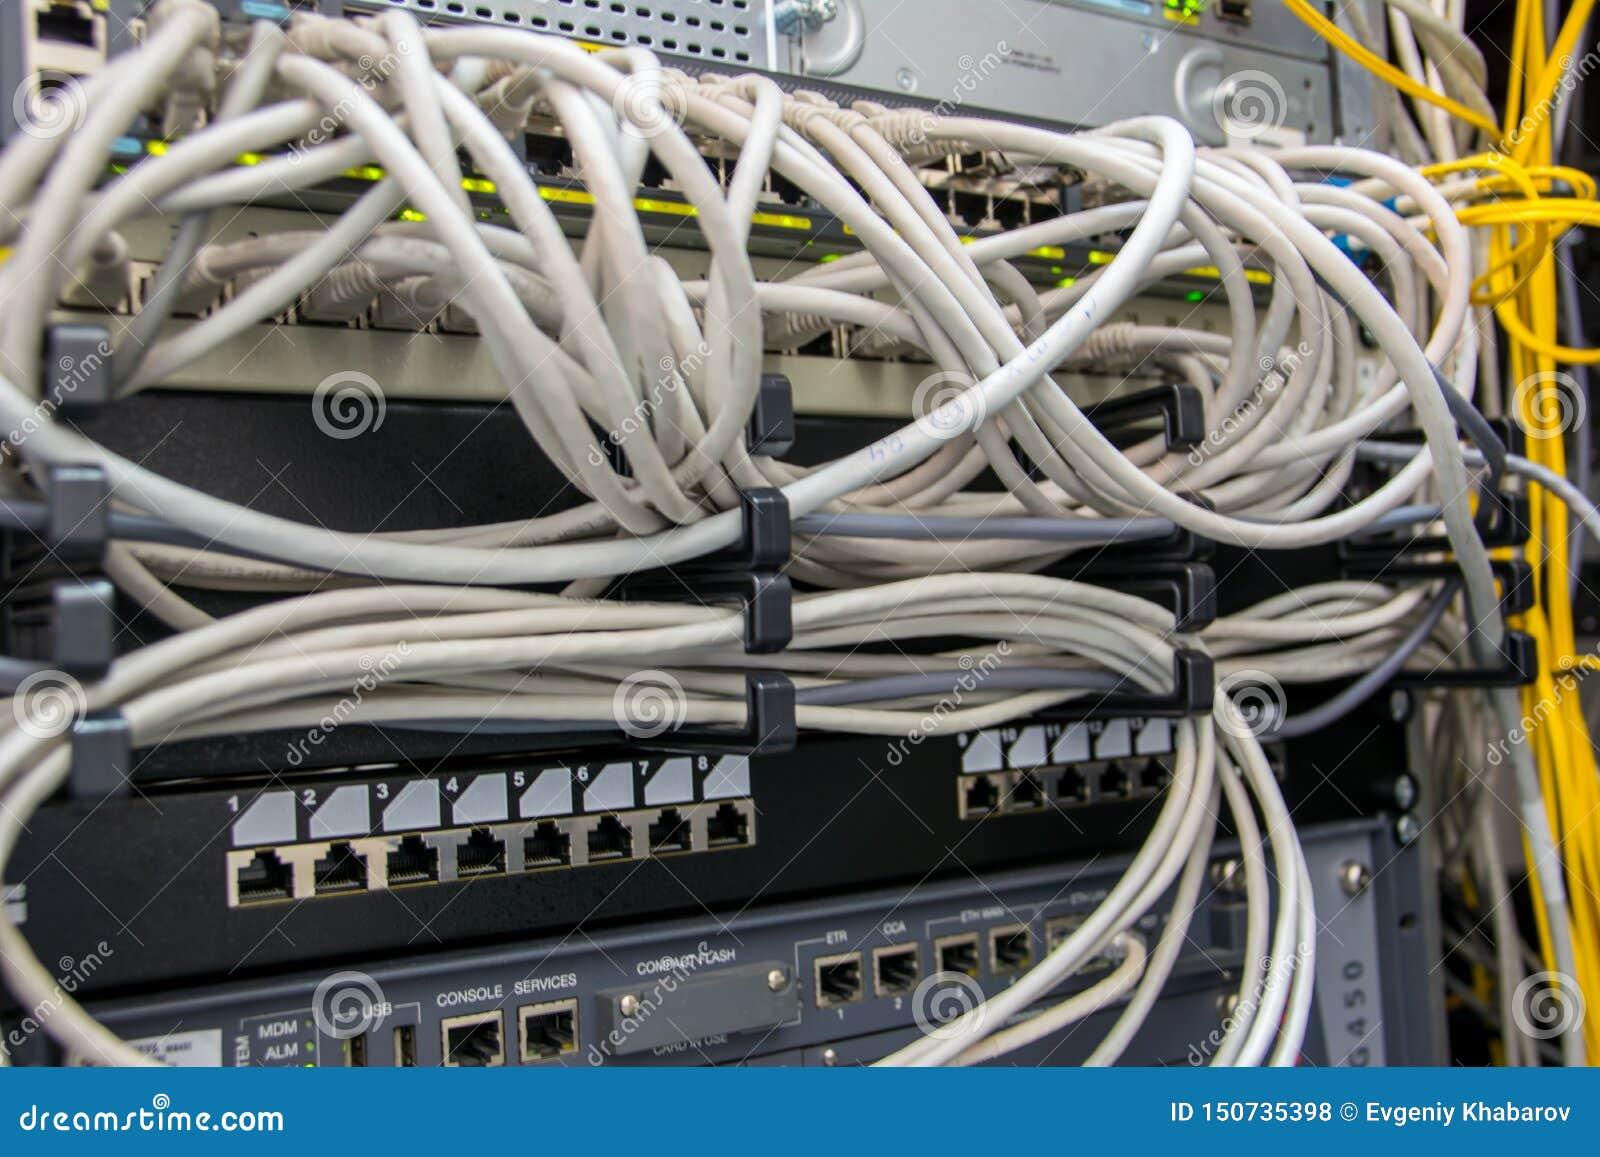 Καλώδια δικτύων στο συνδετήρα